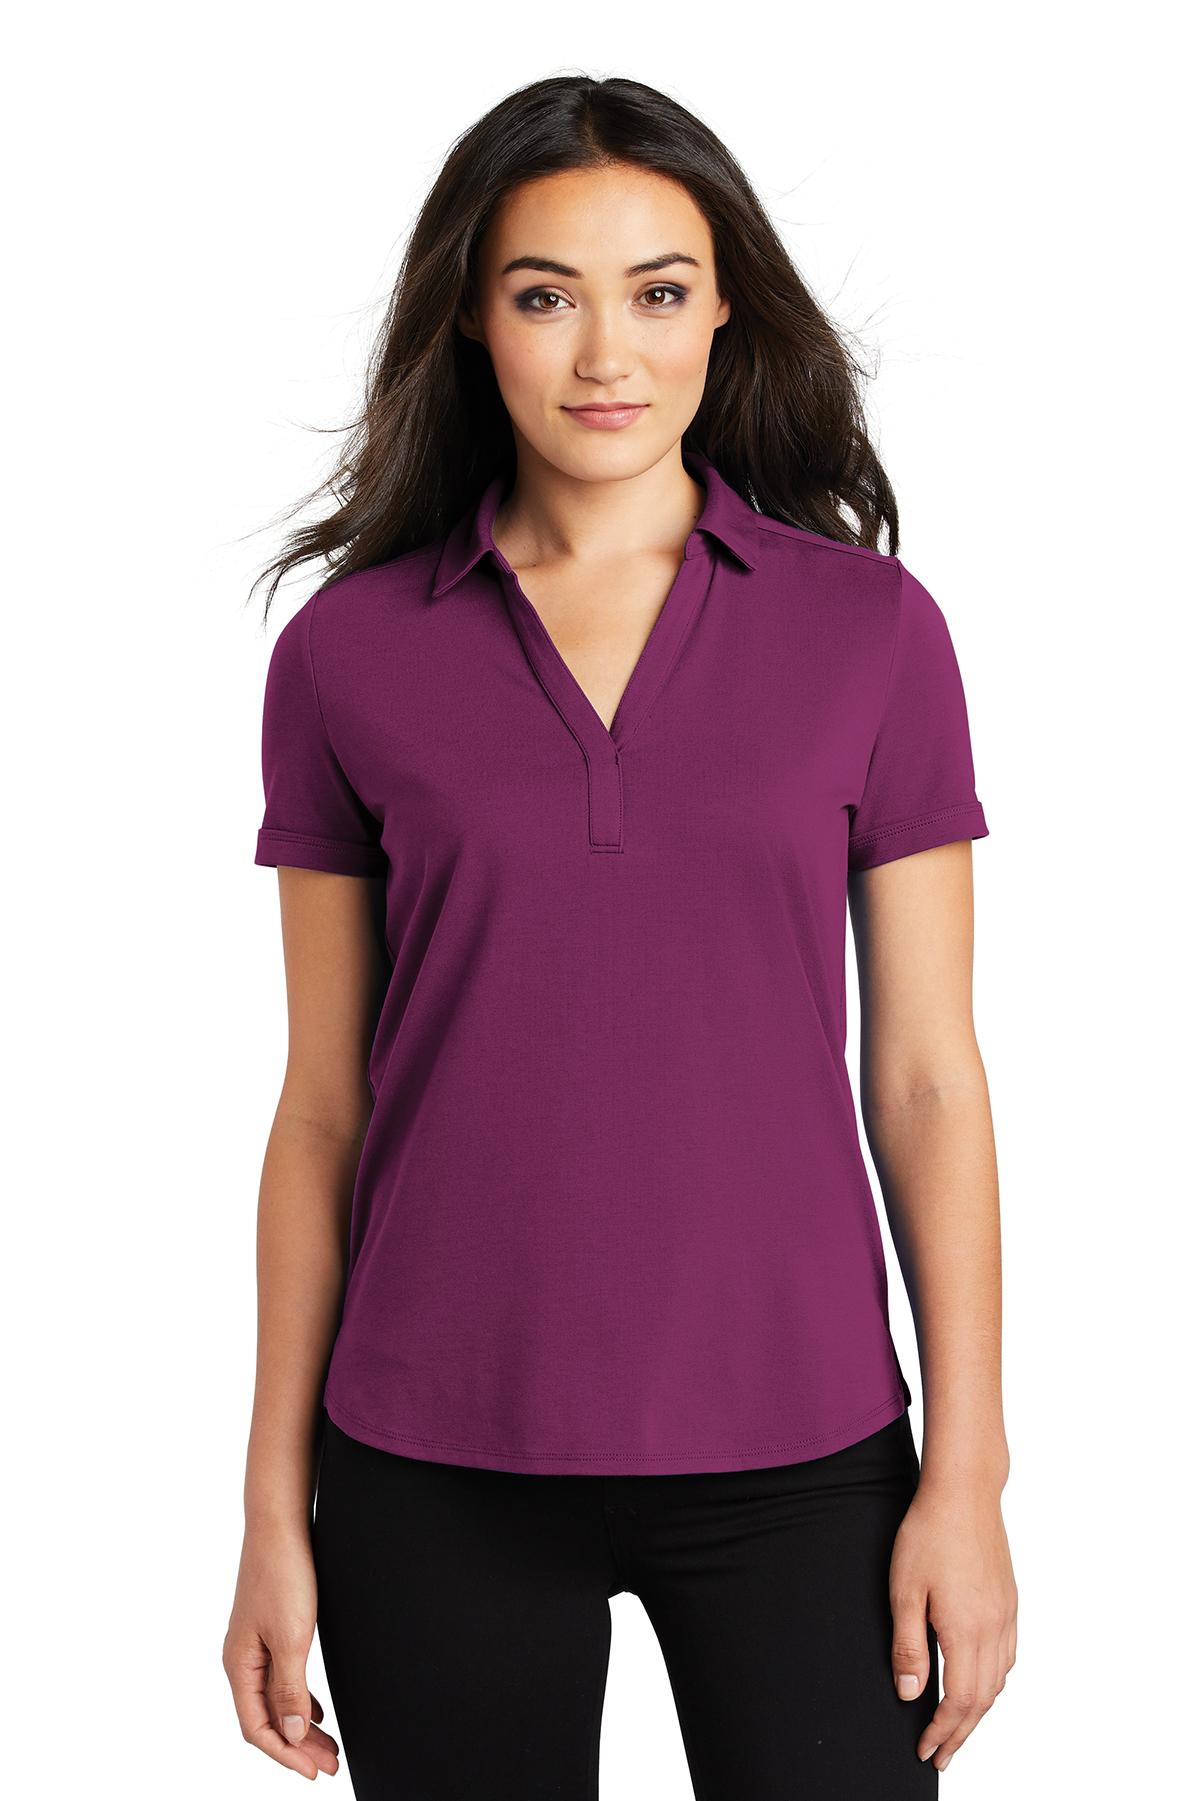 7d0d8d5b OGIO LOG138 - Ladies Limit Polo $24.99 - Women's Sport Shirts